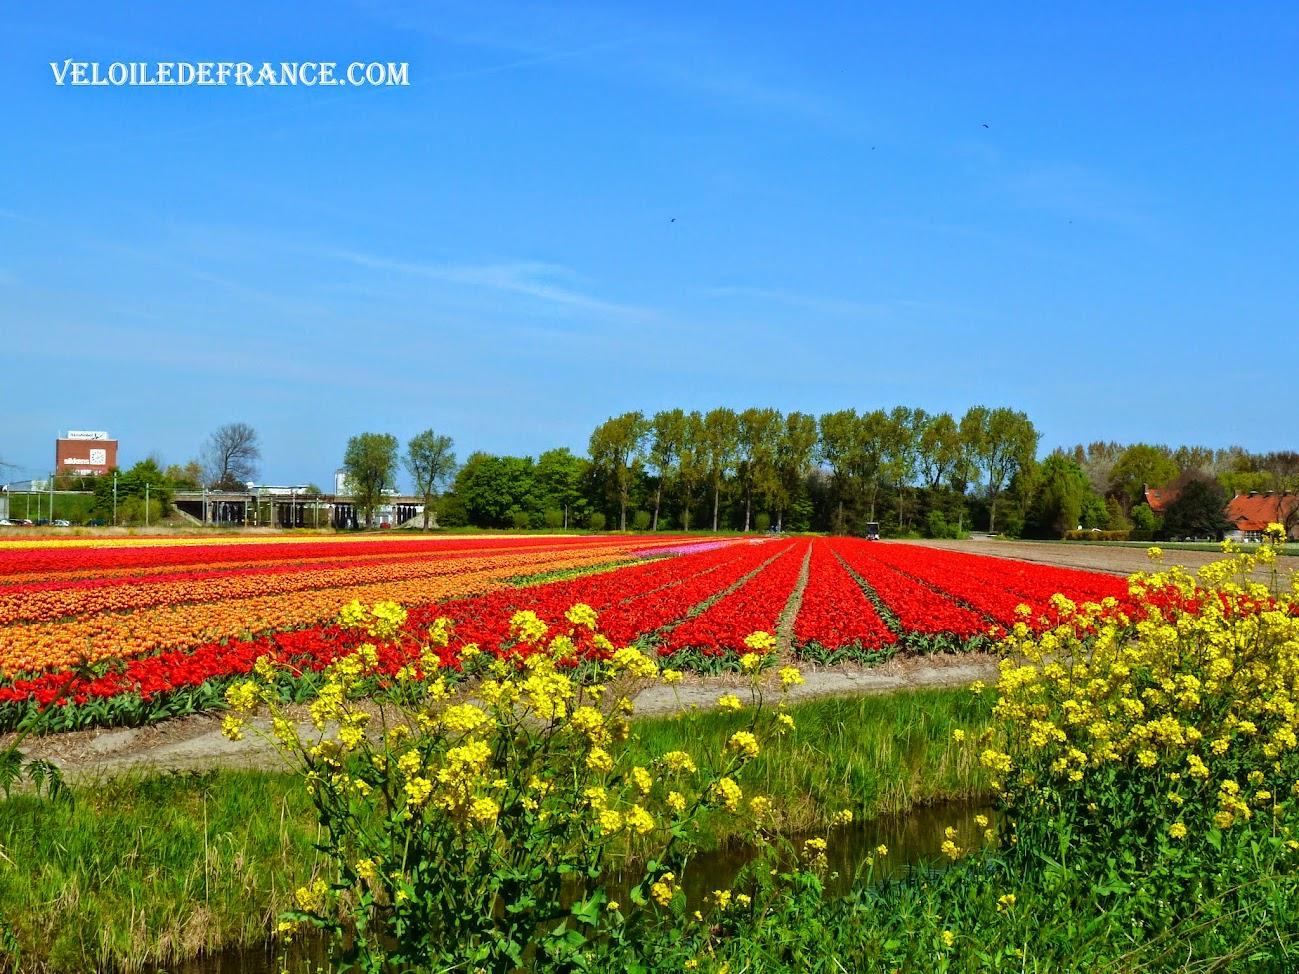 Les champs de tulipes au bord de la piste cyclable près de Leiden